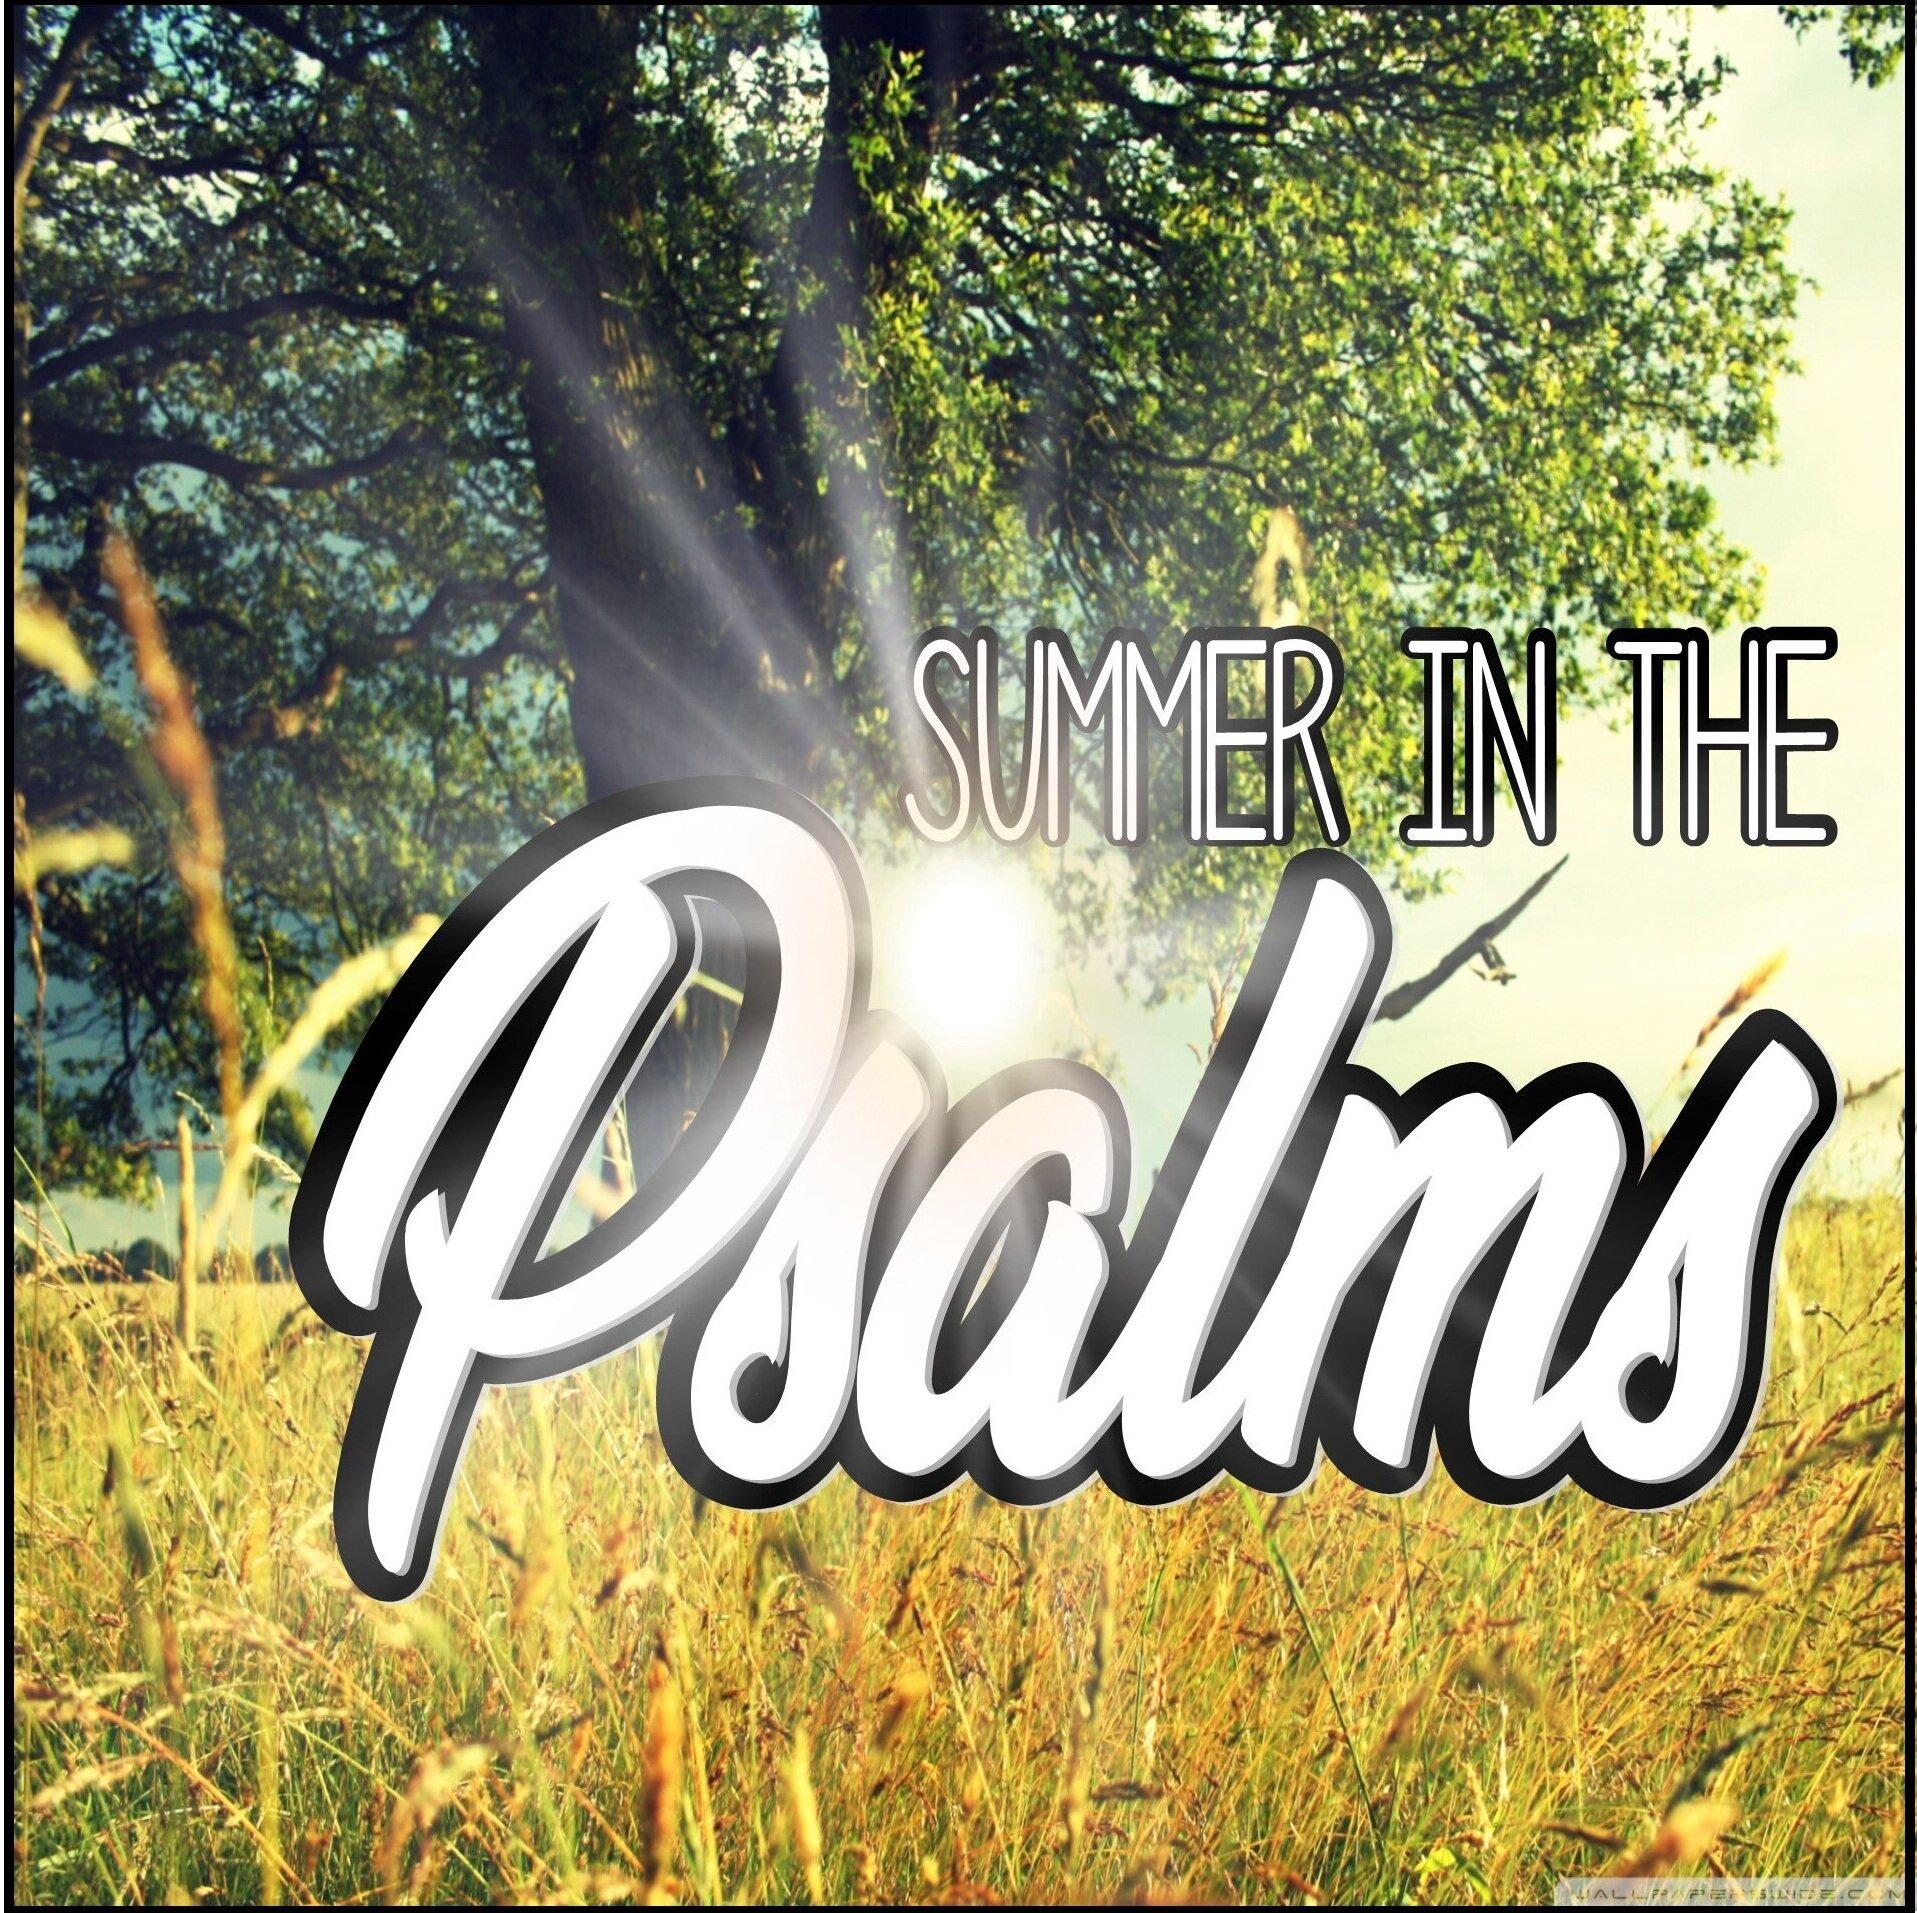 Summer In The Psalms.jpg